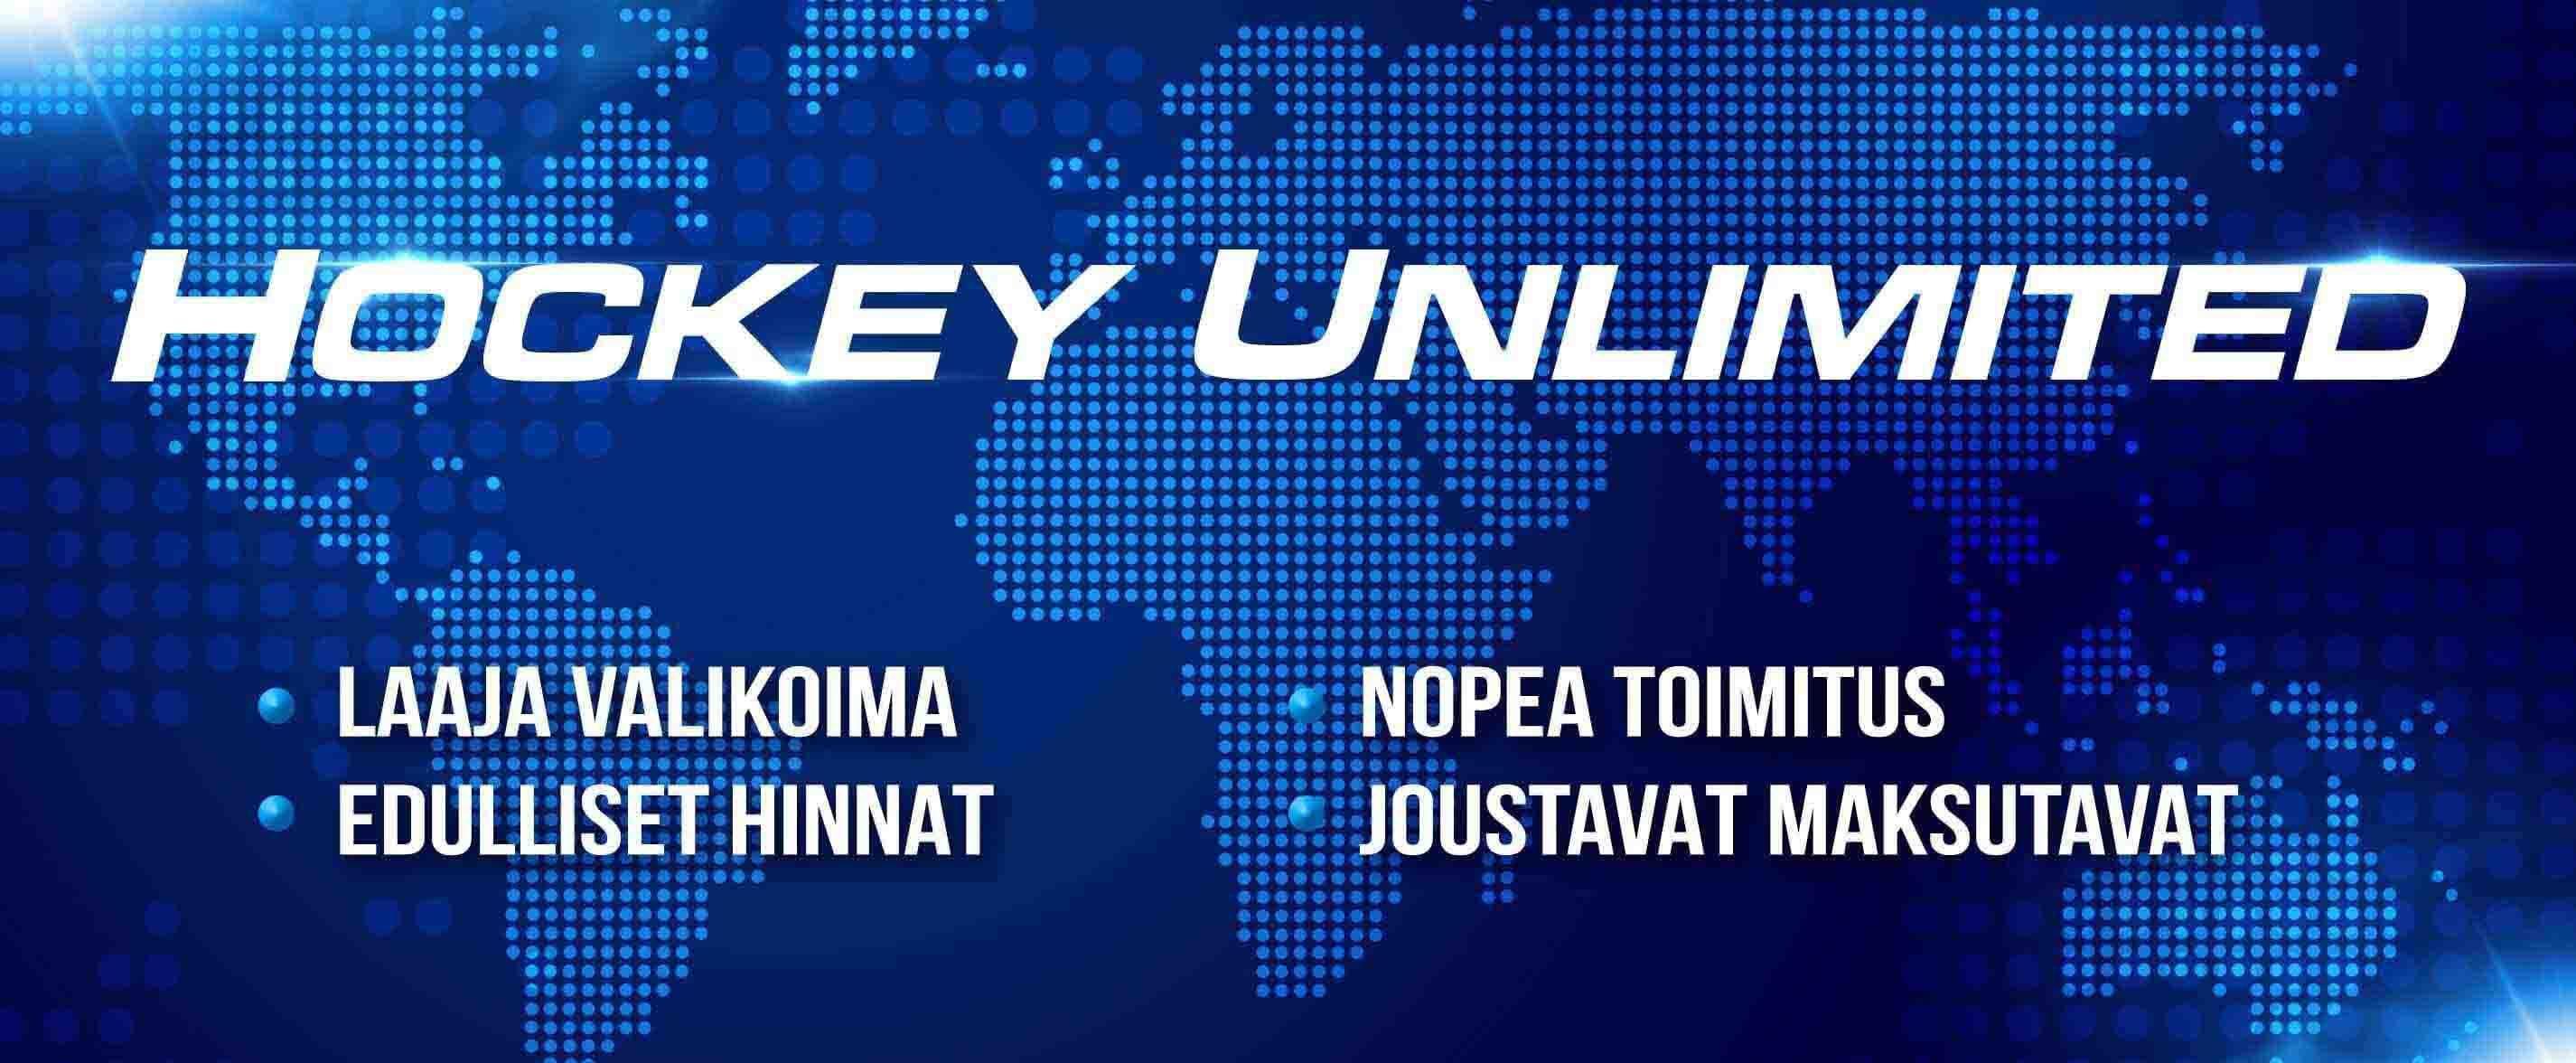 hockeyunlimited_FIN